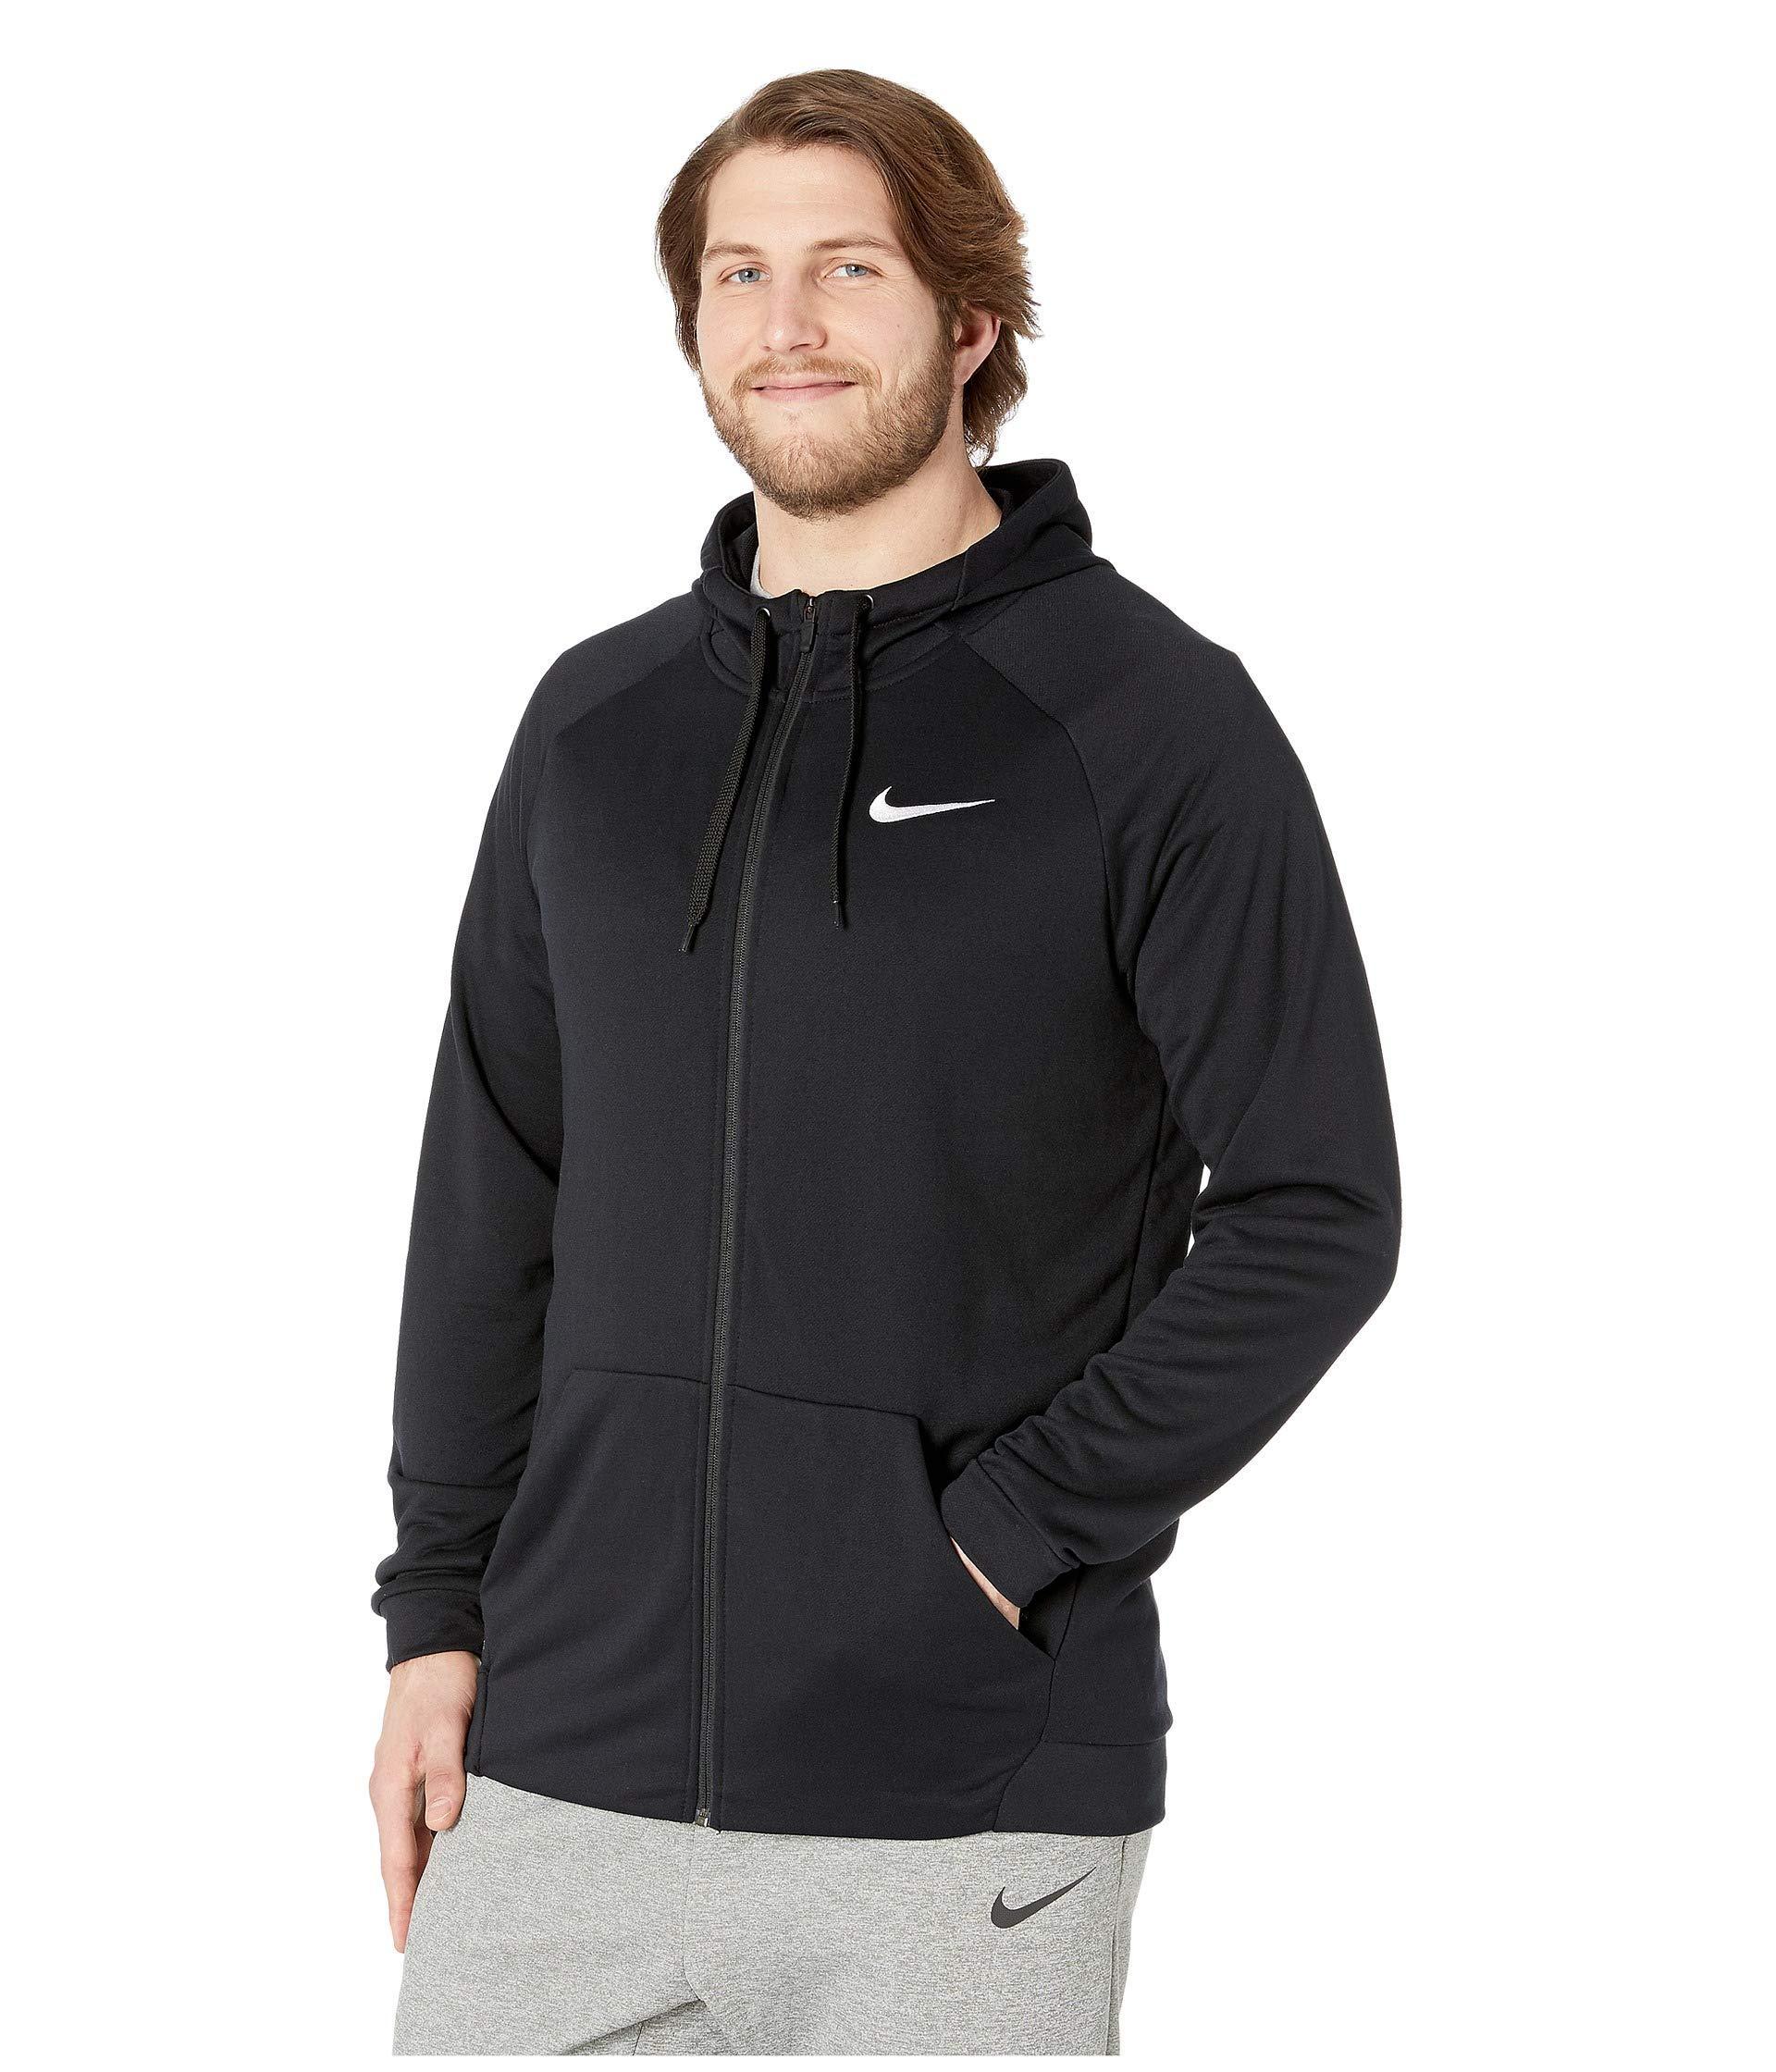 6657f9ae4f Lyst - Nike Big Tall Dry Training Full Zip Hoodie (black white) Men s Fleece  in Black for Men